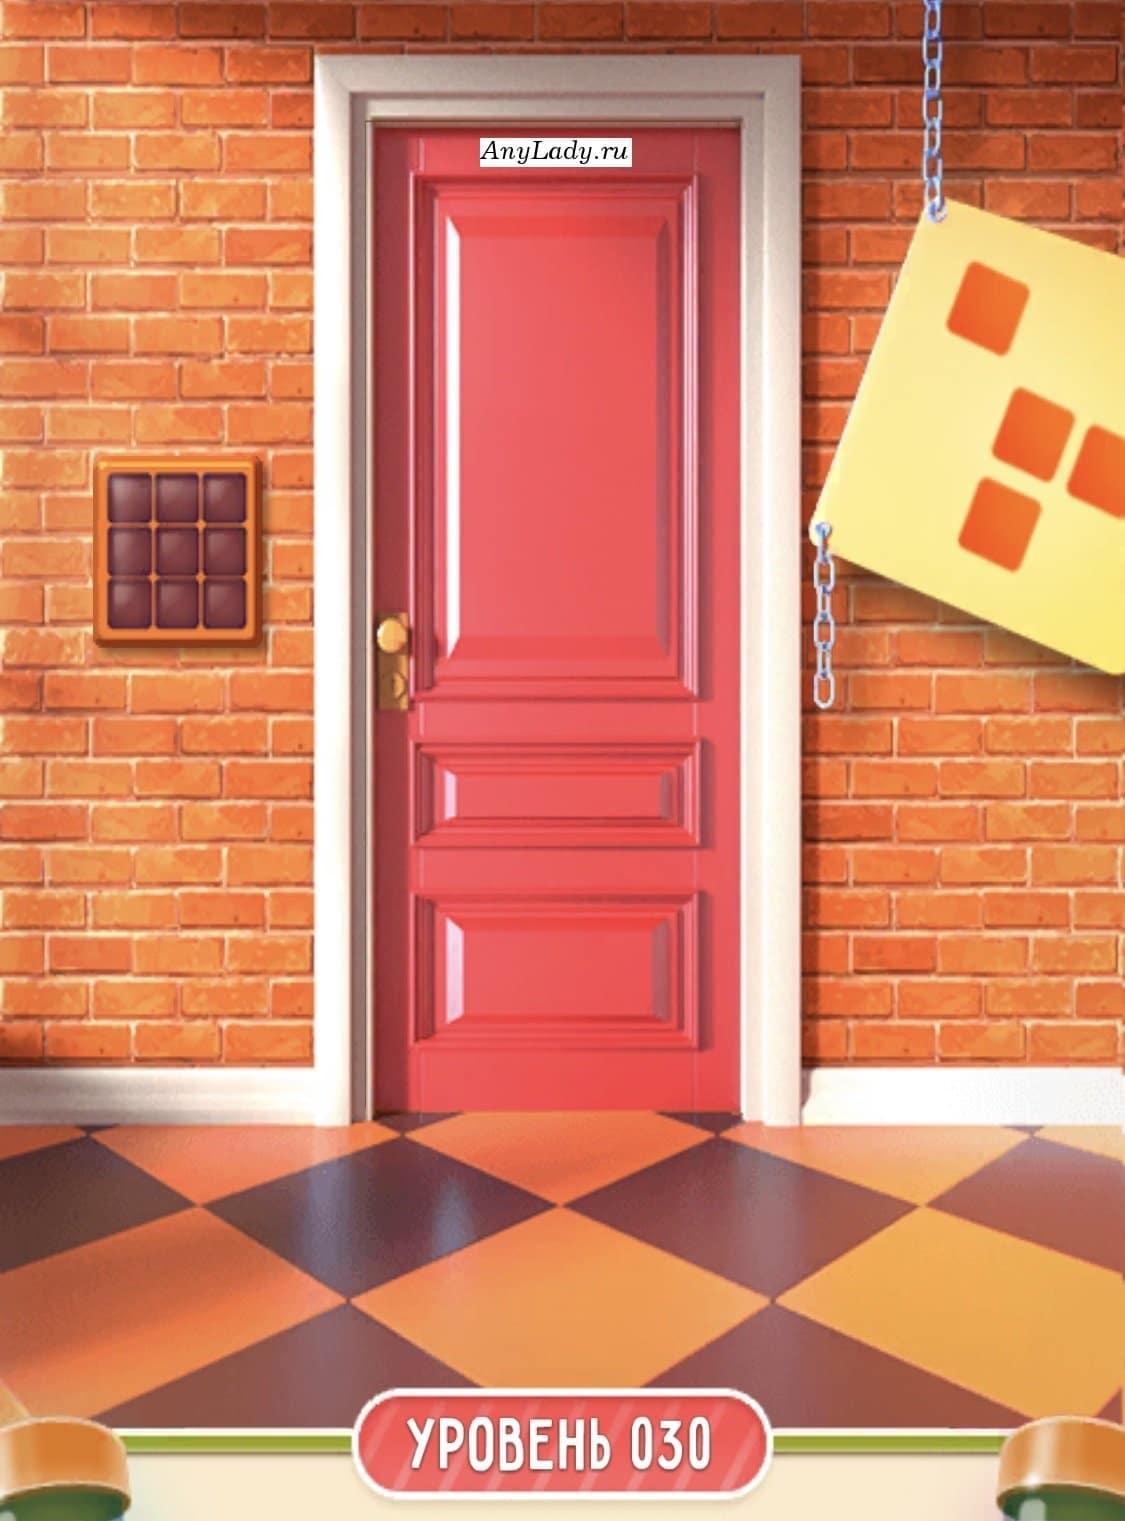 На цепочке висит картина с кодом к замку, видите код в зеркальном отображении.